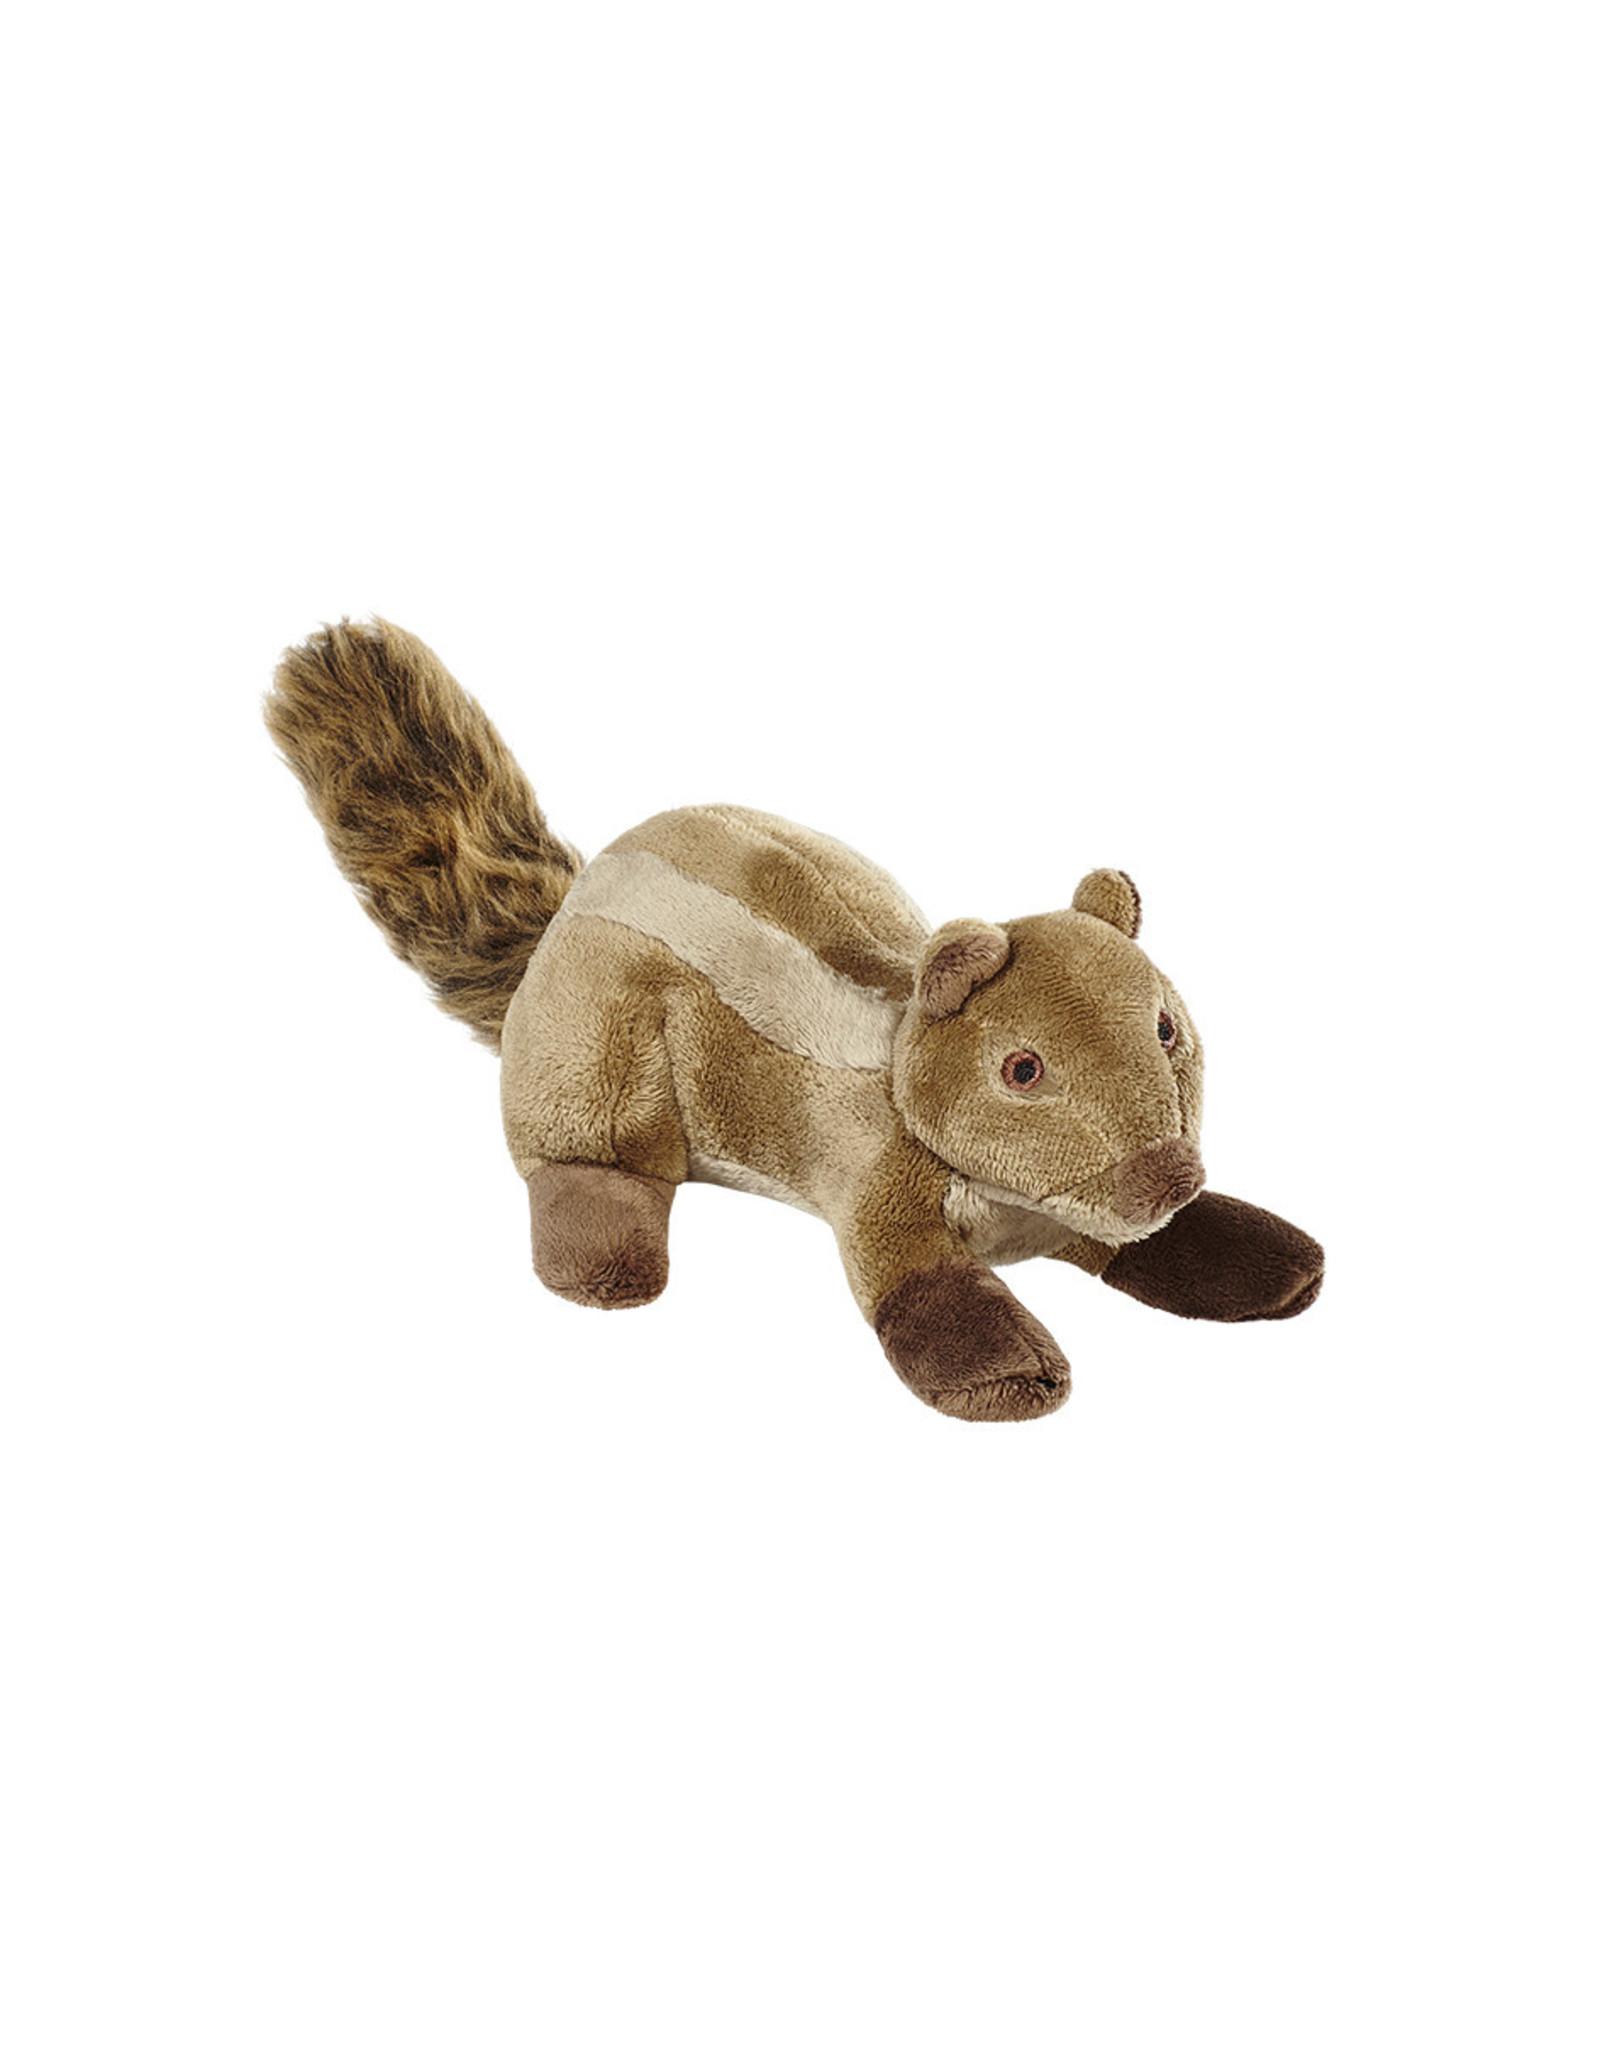 Fluff & Tuff Fluff & Tuff: Peanut Chipmunk, S